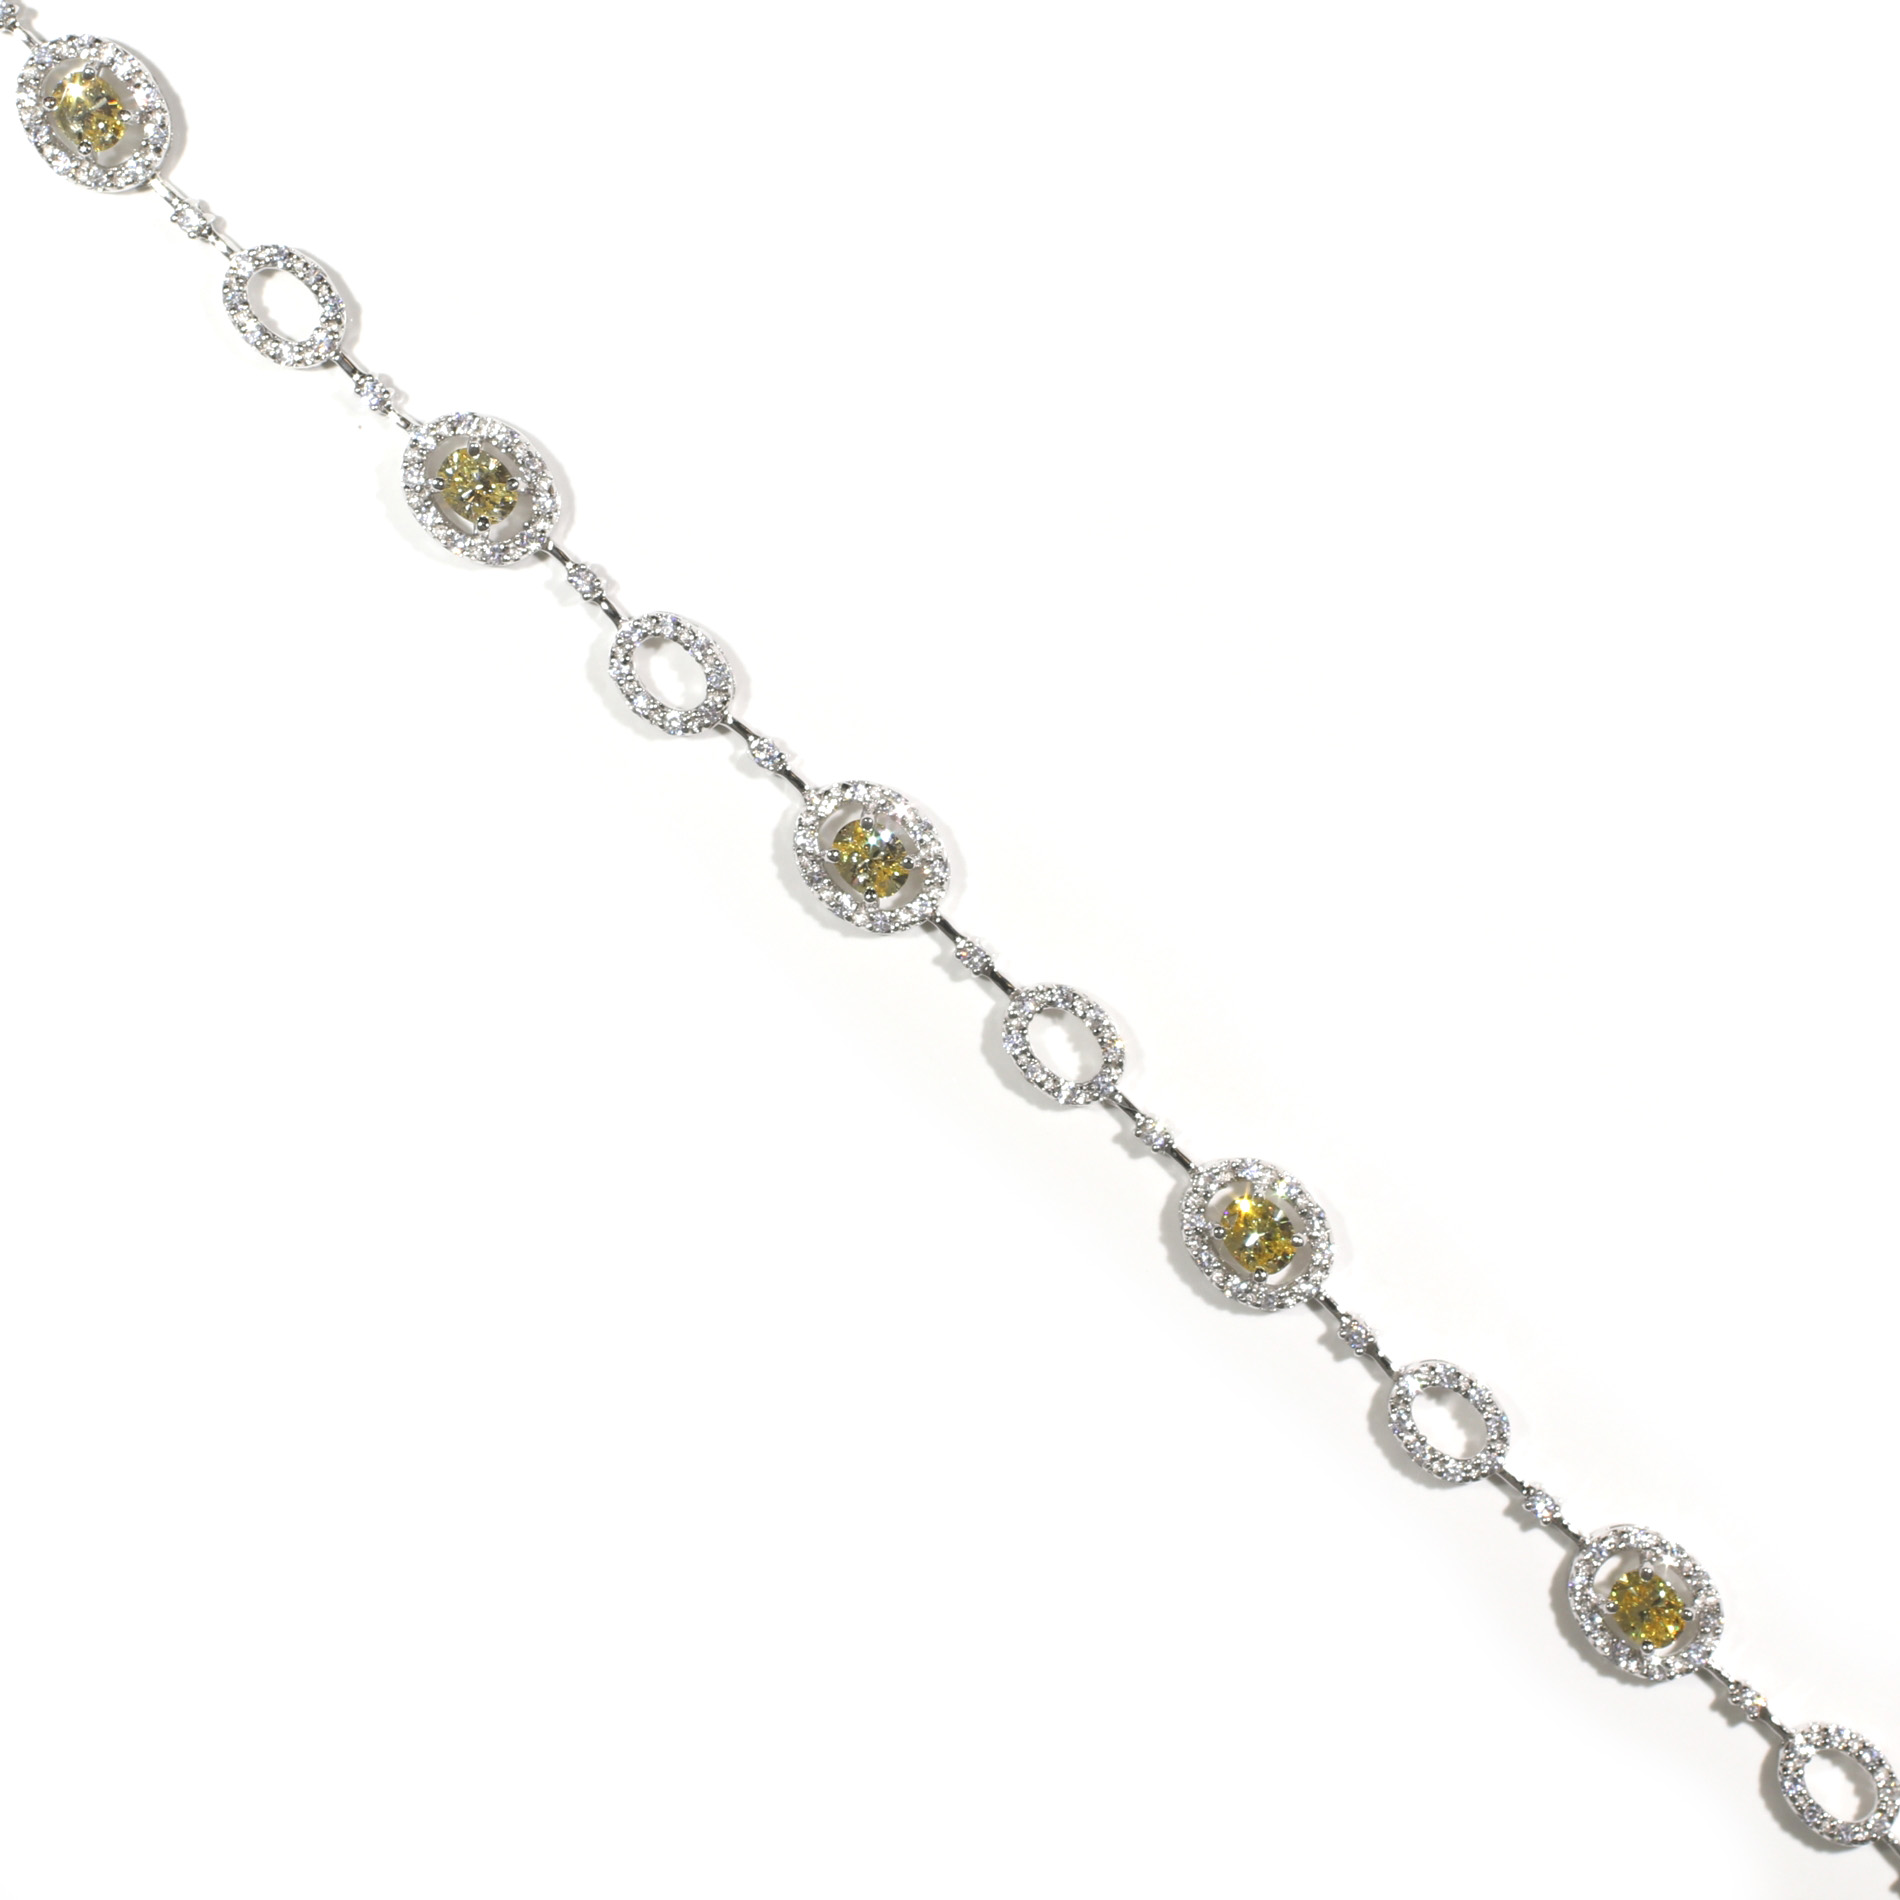 Canary Halo Bracelet